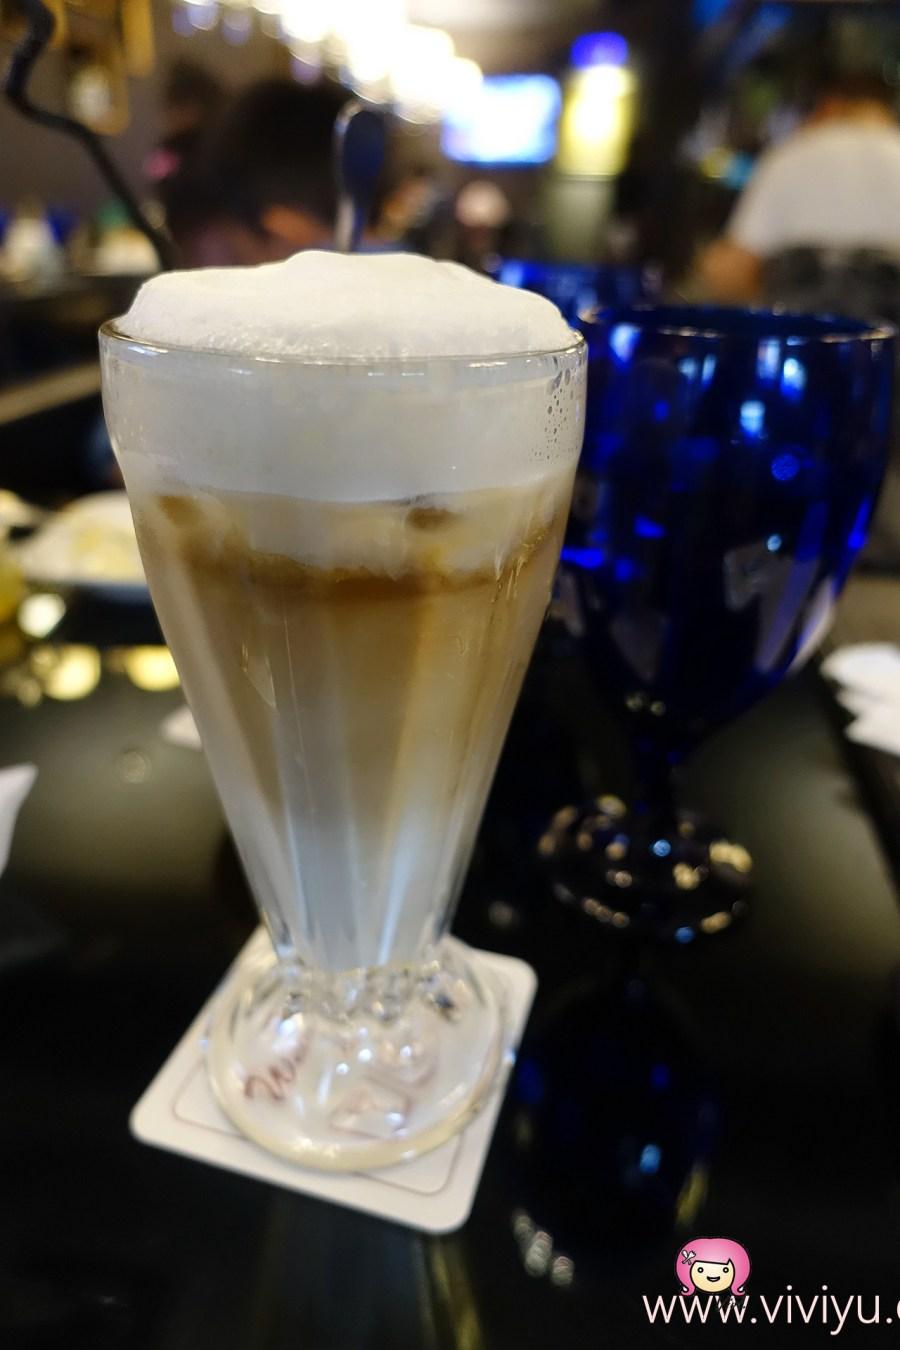 上咖啡,宇治園,宇治園宇治金時冰,慈文路美食,桃園美食 @VIVIYU小世界